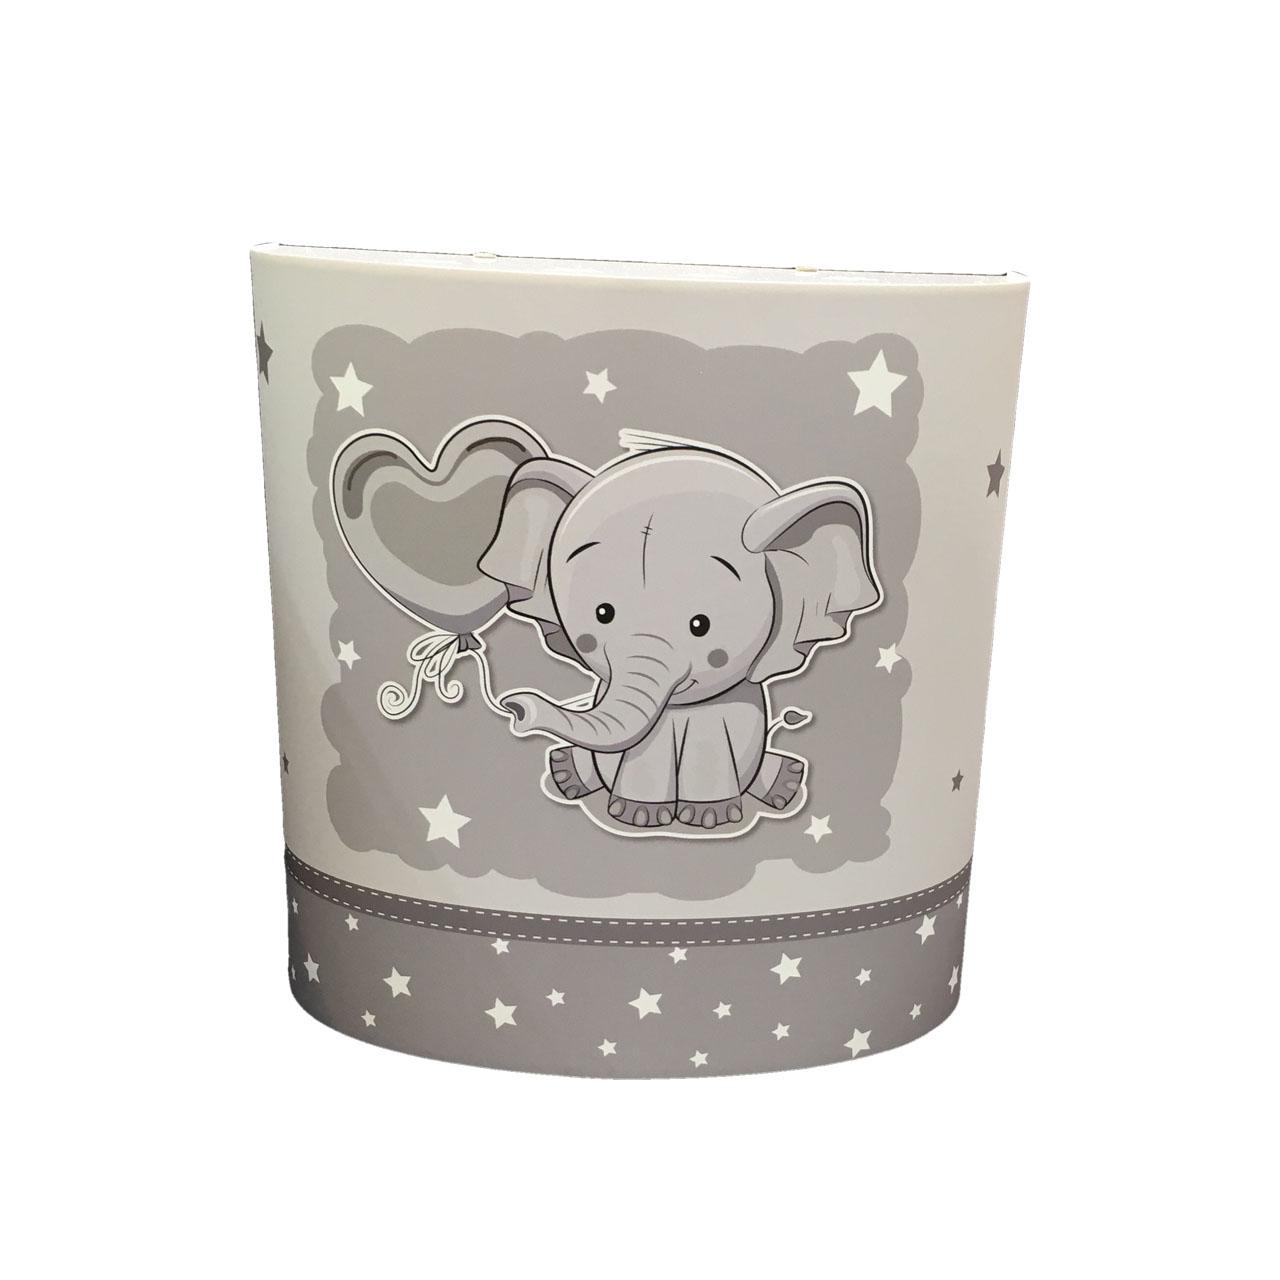 چراغ خواب کودک طرح فیل مدل ۱۱۱۱